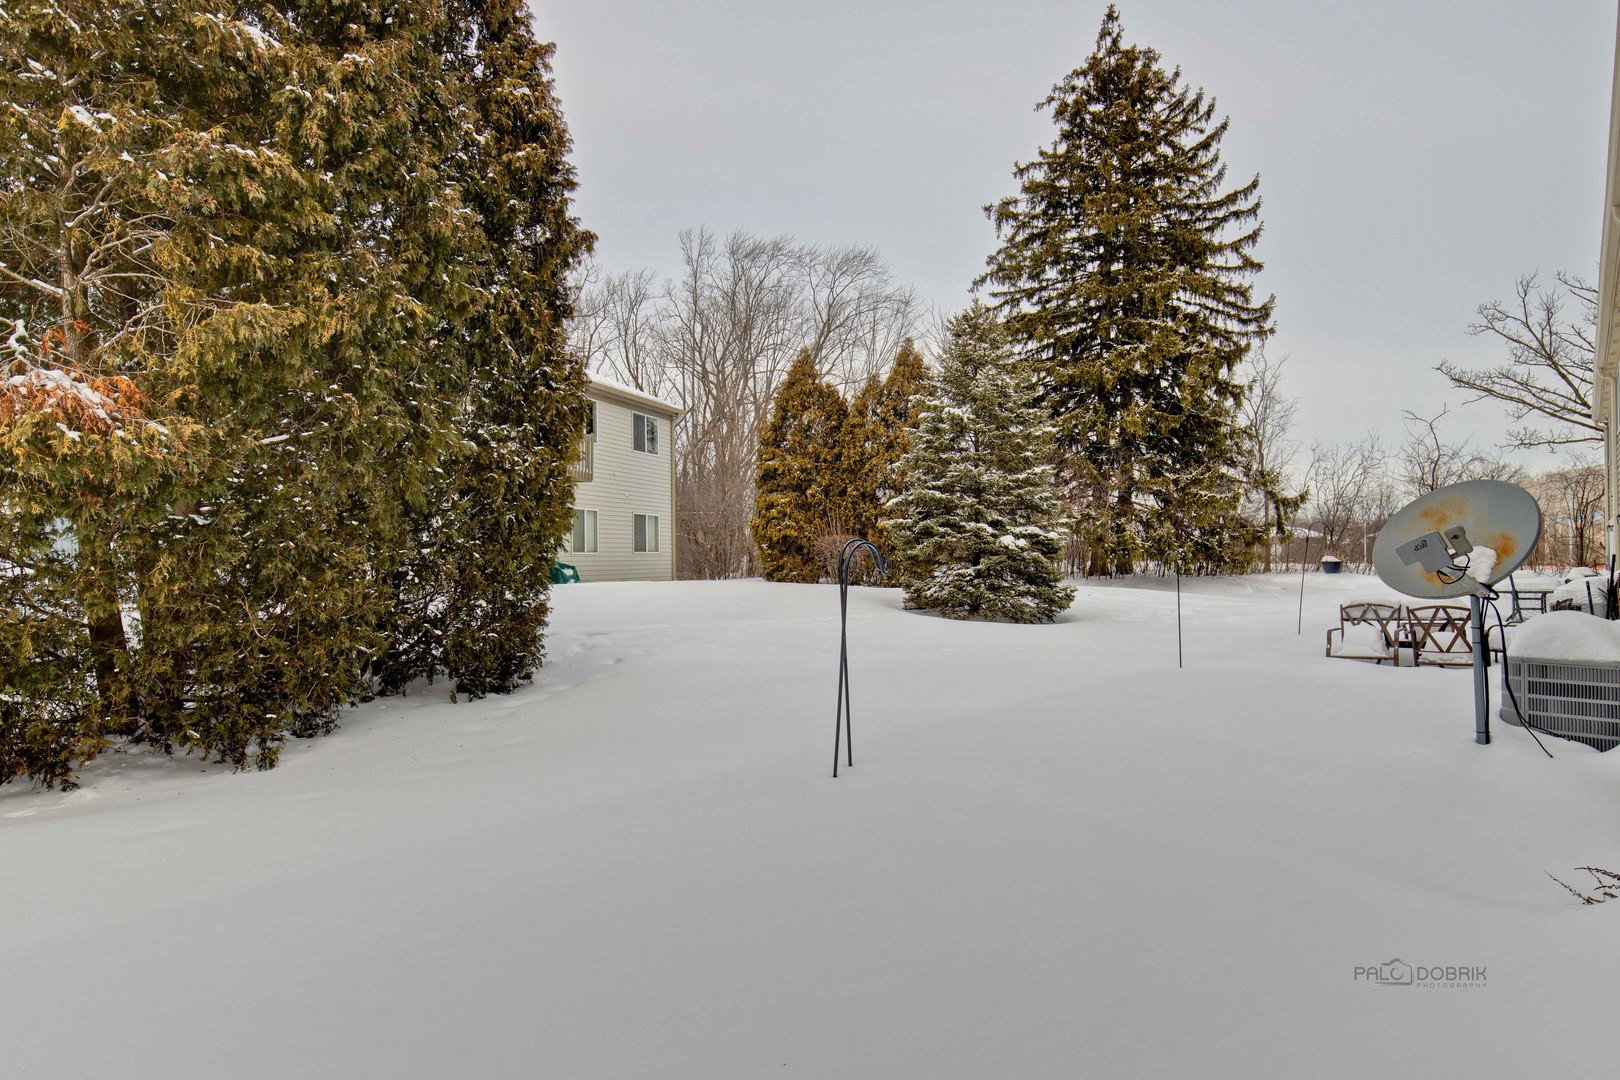 656 Whispering Oaks ,Palatine, Illinois 60074